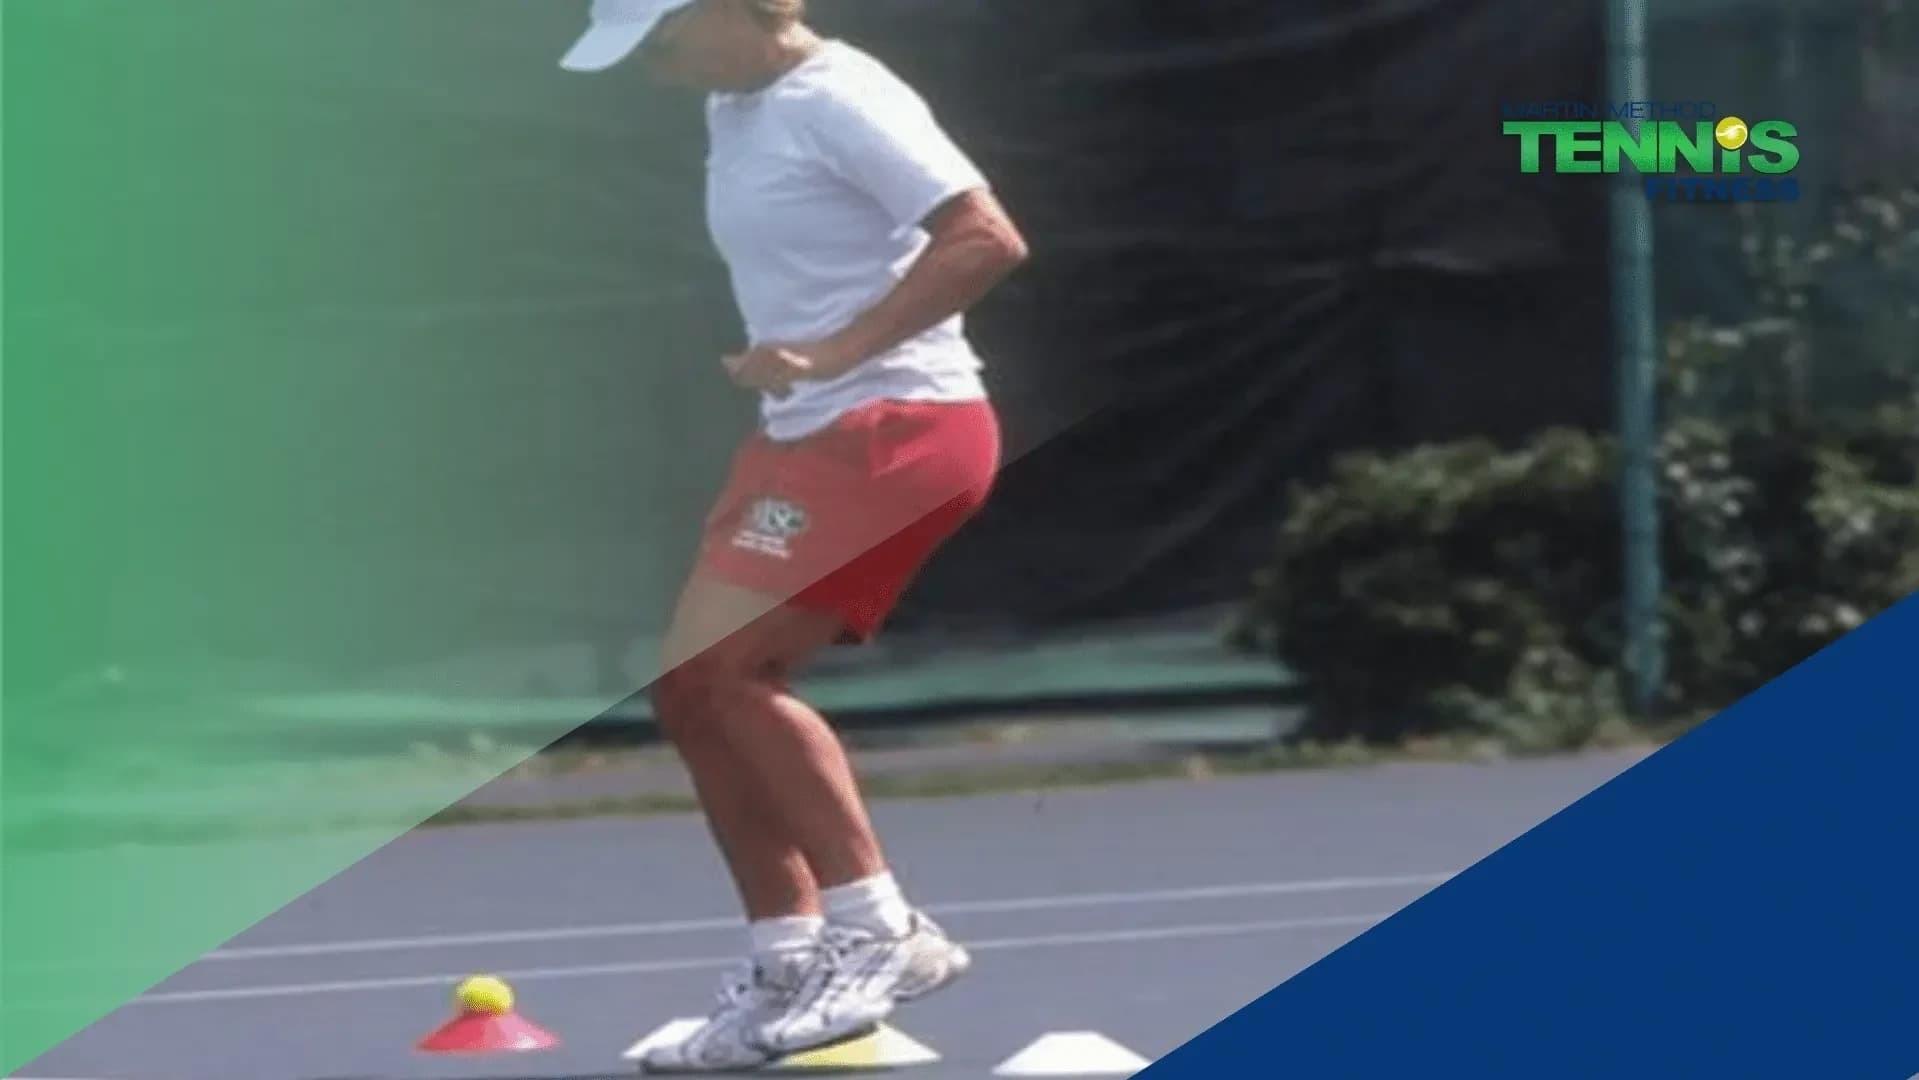 tennis-agility-footwork-program